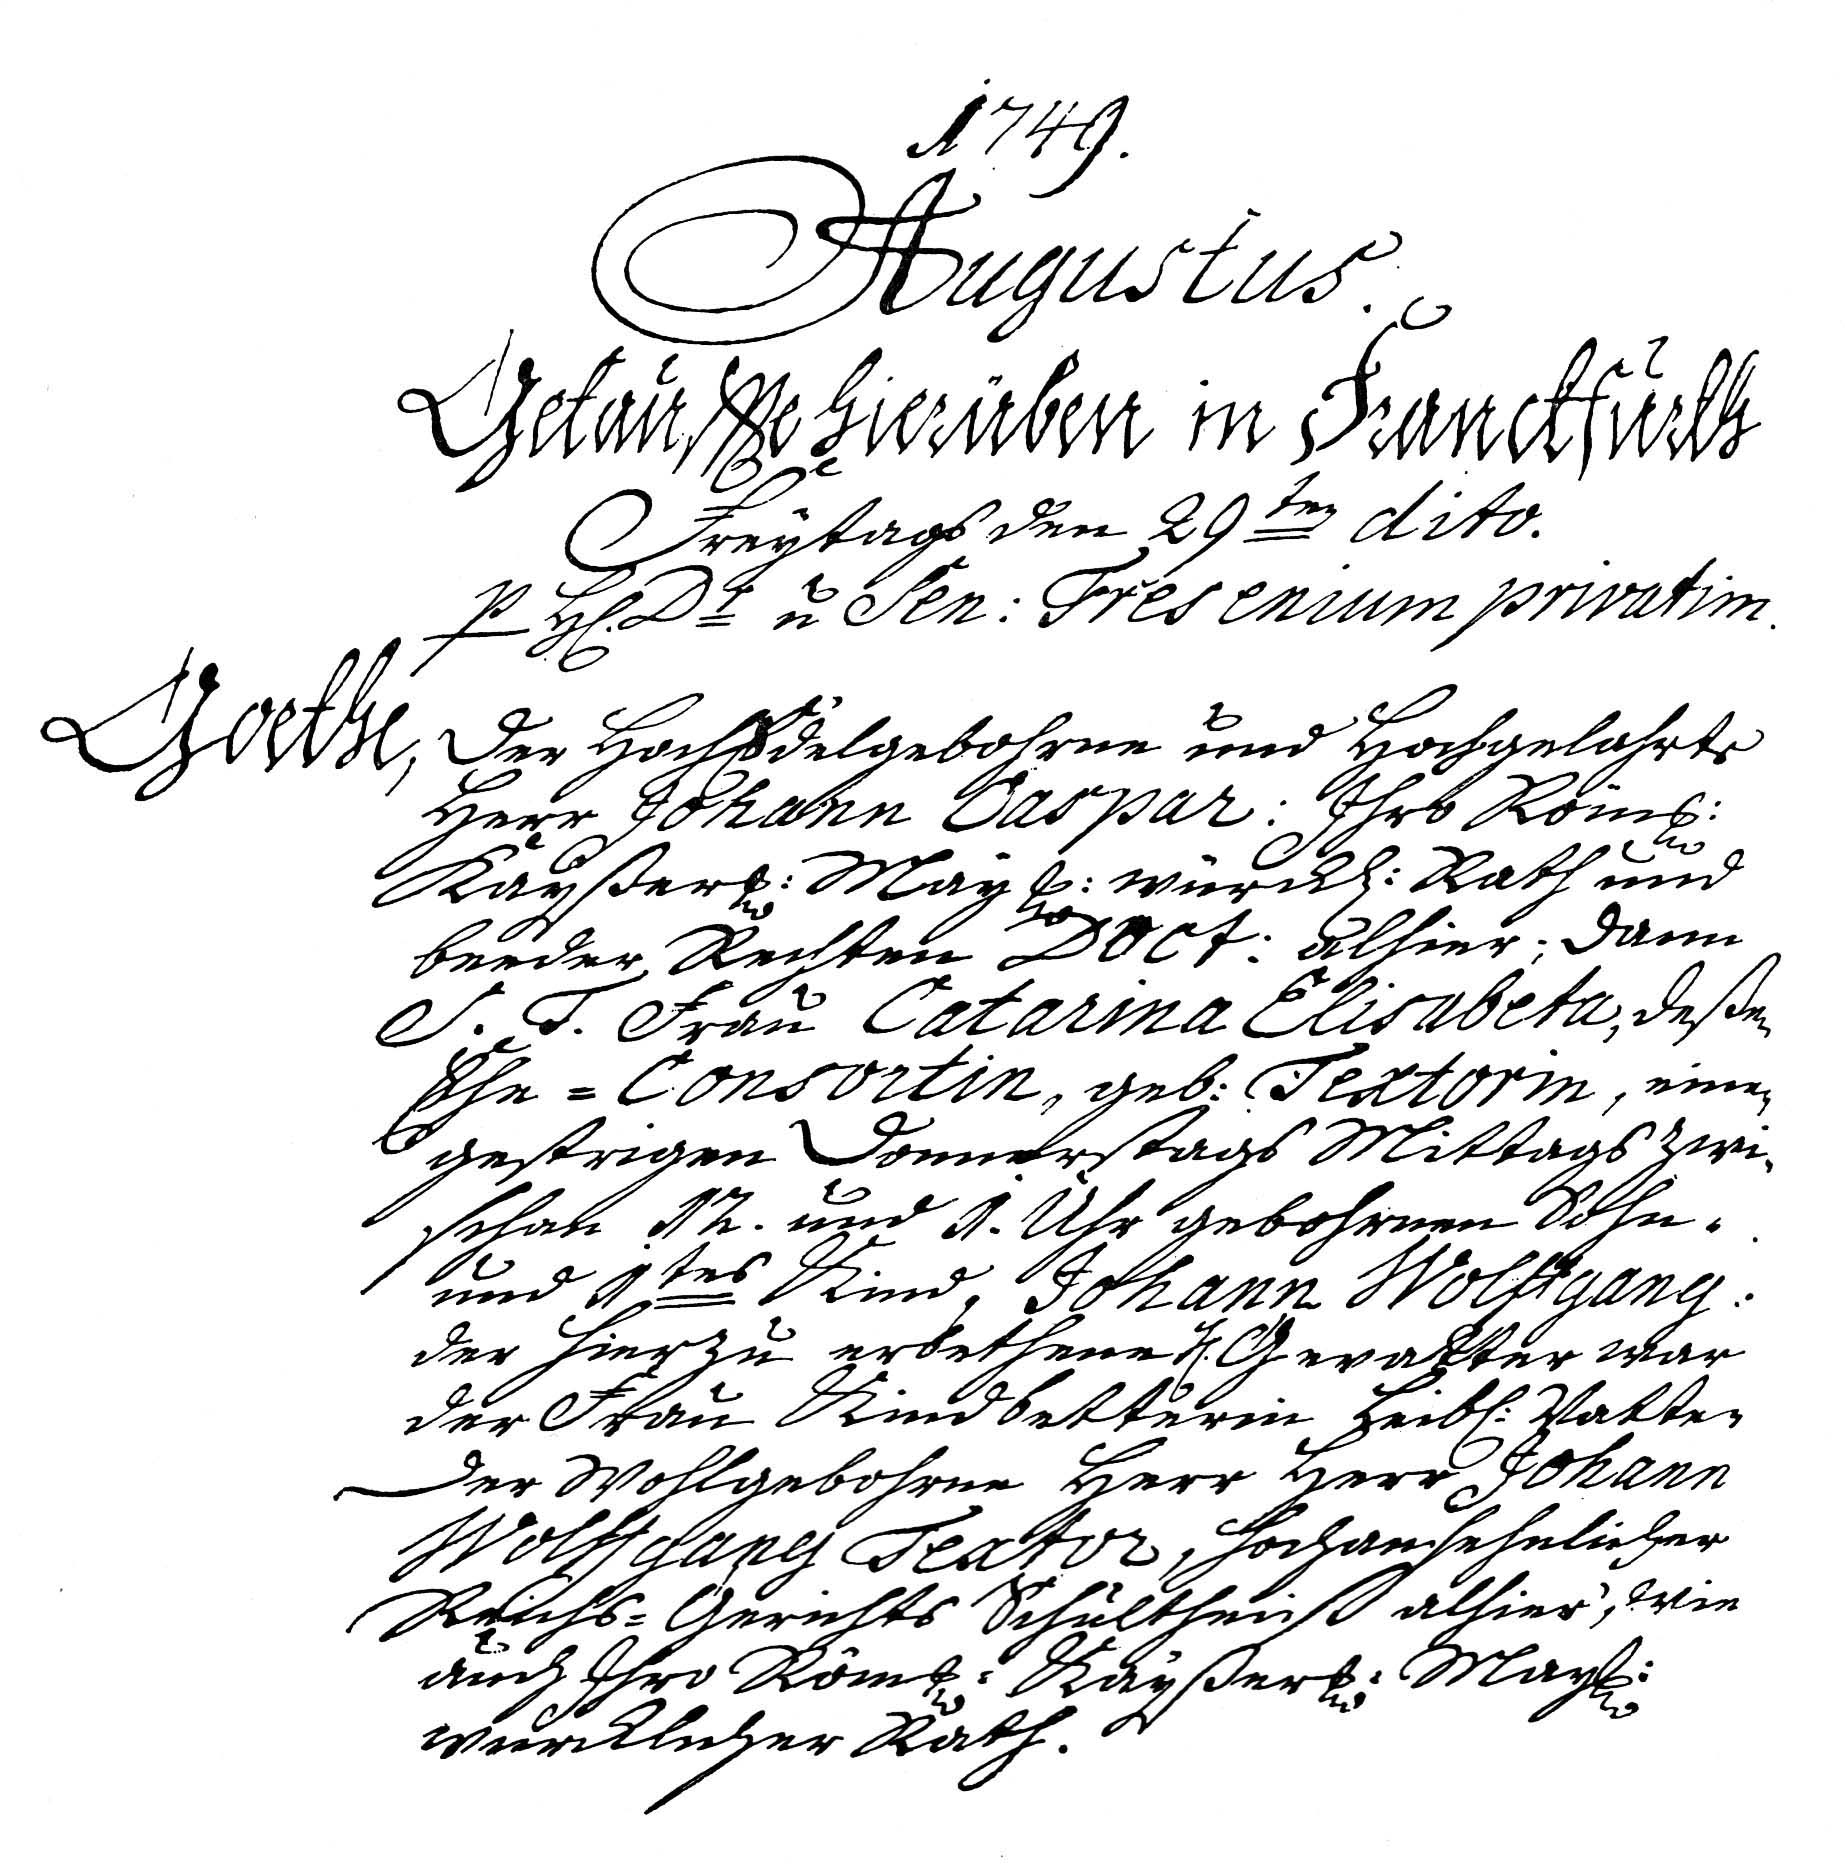 Goethes Geburts- und Taufeintrag, Frankfurt am Main 1749